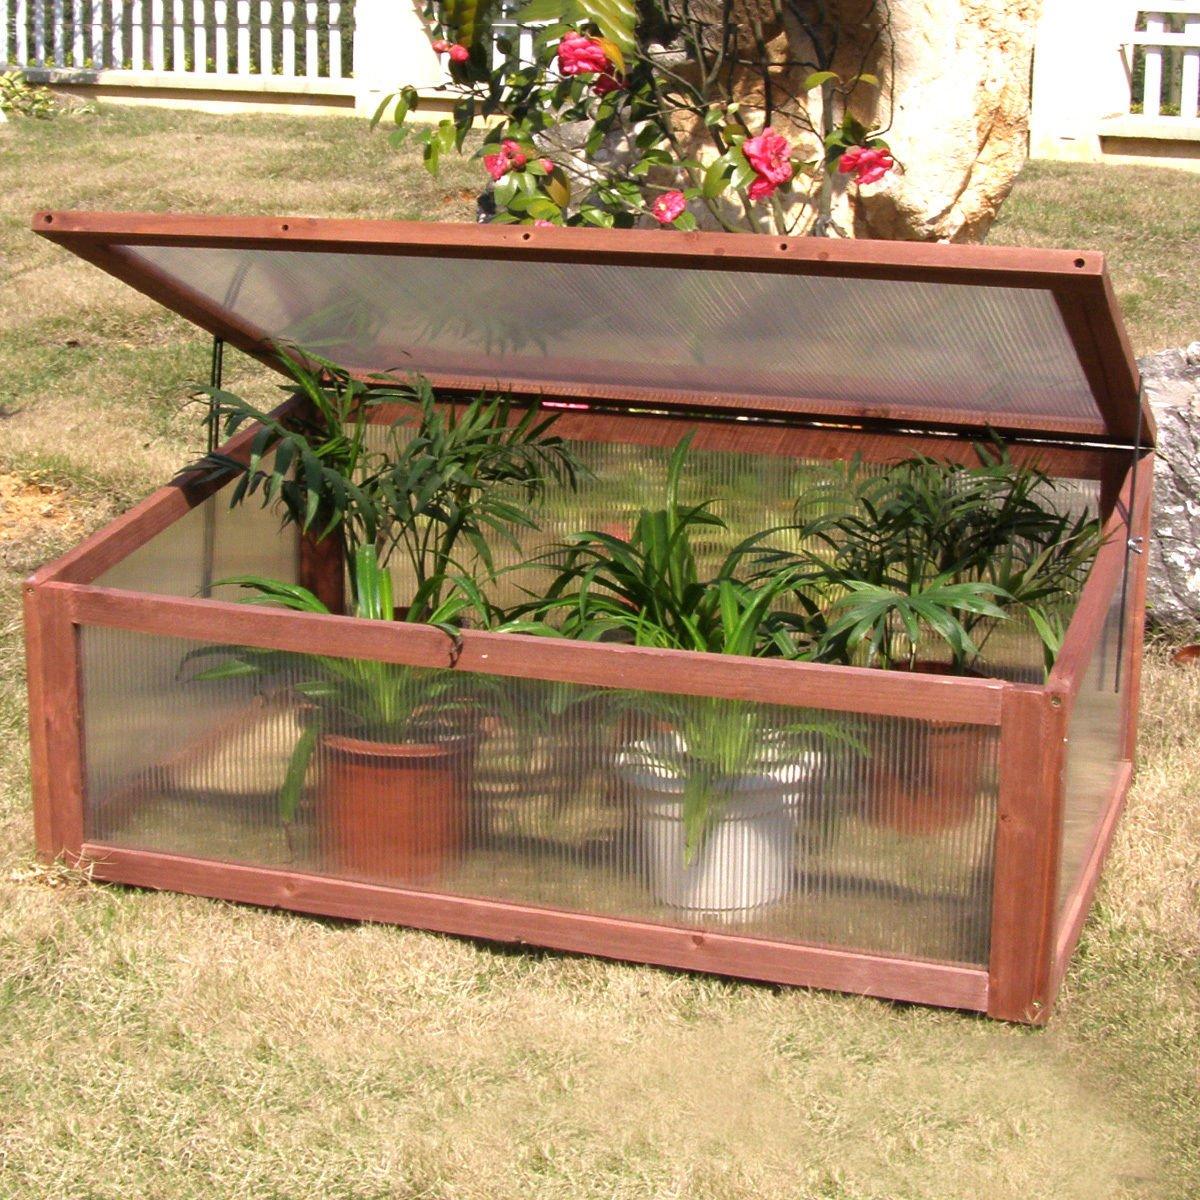 Amazon.com : Giantex Garden Portable Wooden Green House Cold Frame ...